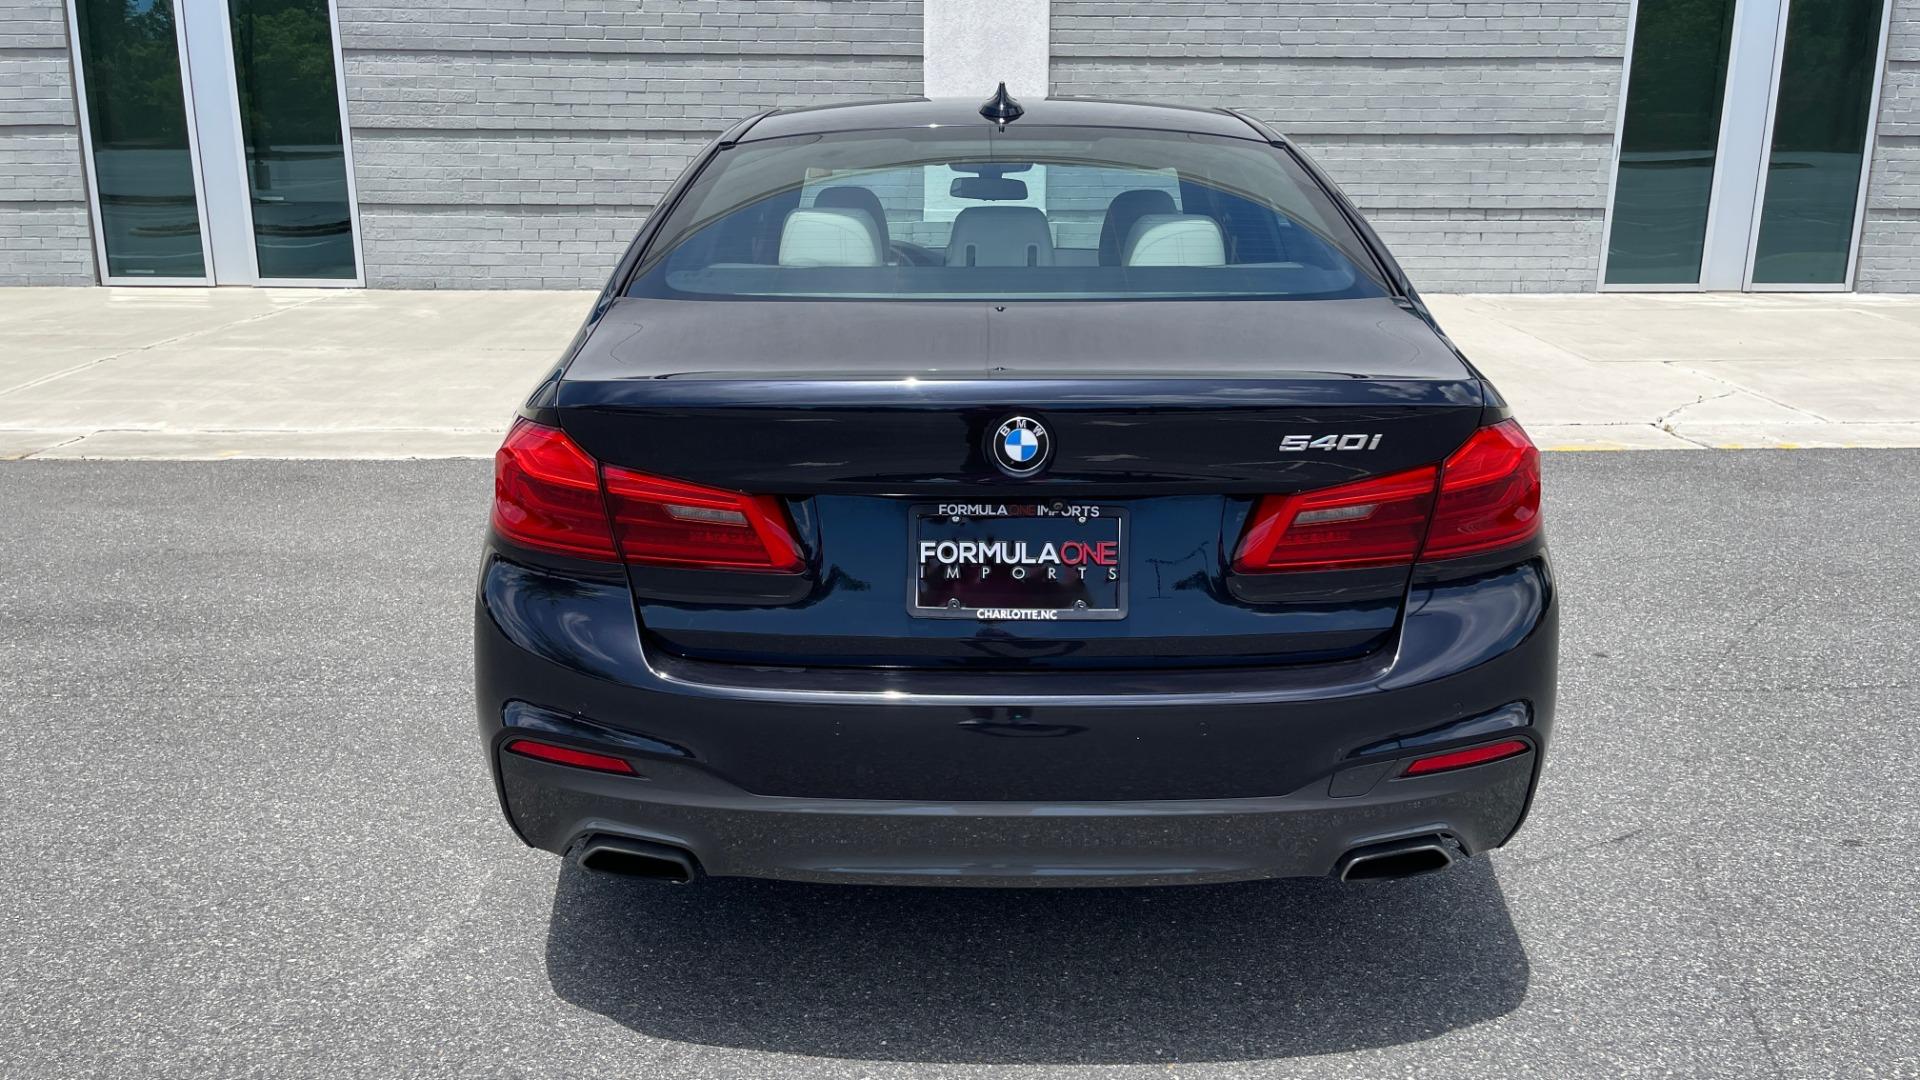 Used 2018 BMW 5 SERIES 540I M-SPORT / EXECUTIVE PKG / DRVR ASST PKG / BLIND SPOT / LANE DEPART for sale $40,995 at Formula Imports in Charlotte NC 28227 26